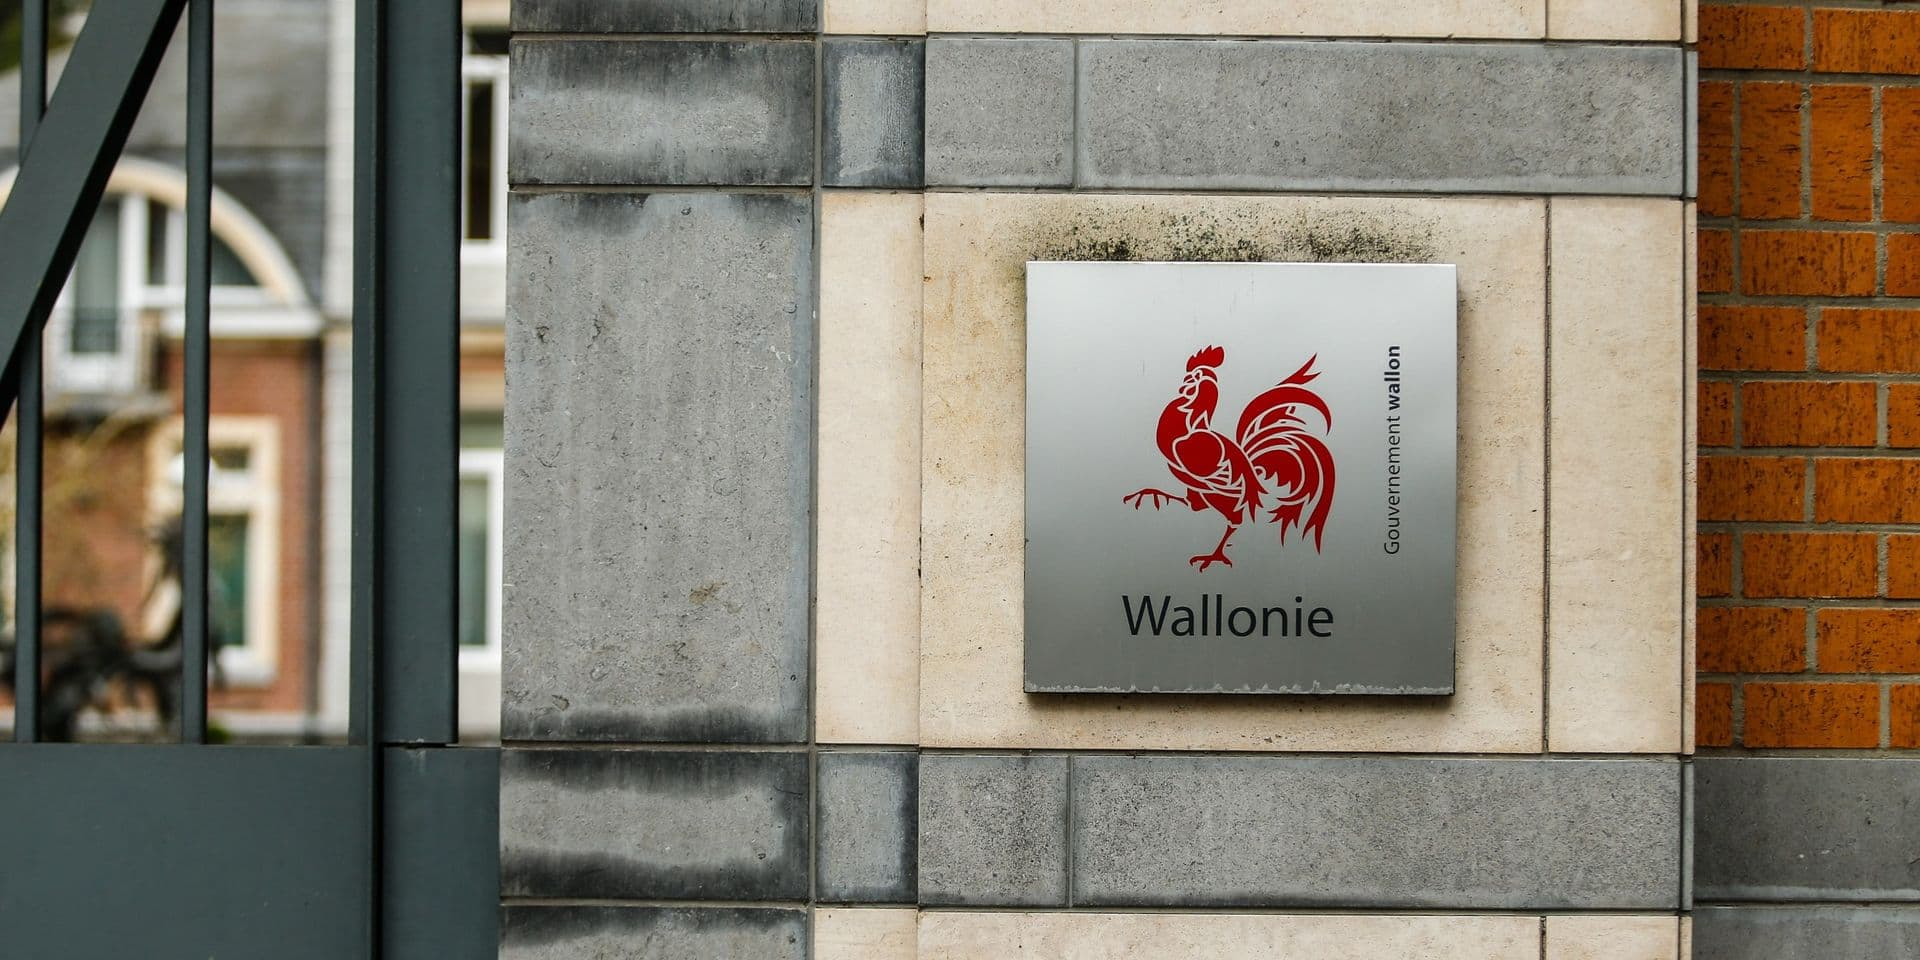 La Wallonie doit spécialiser ses territoires pour développer son économie